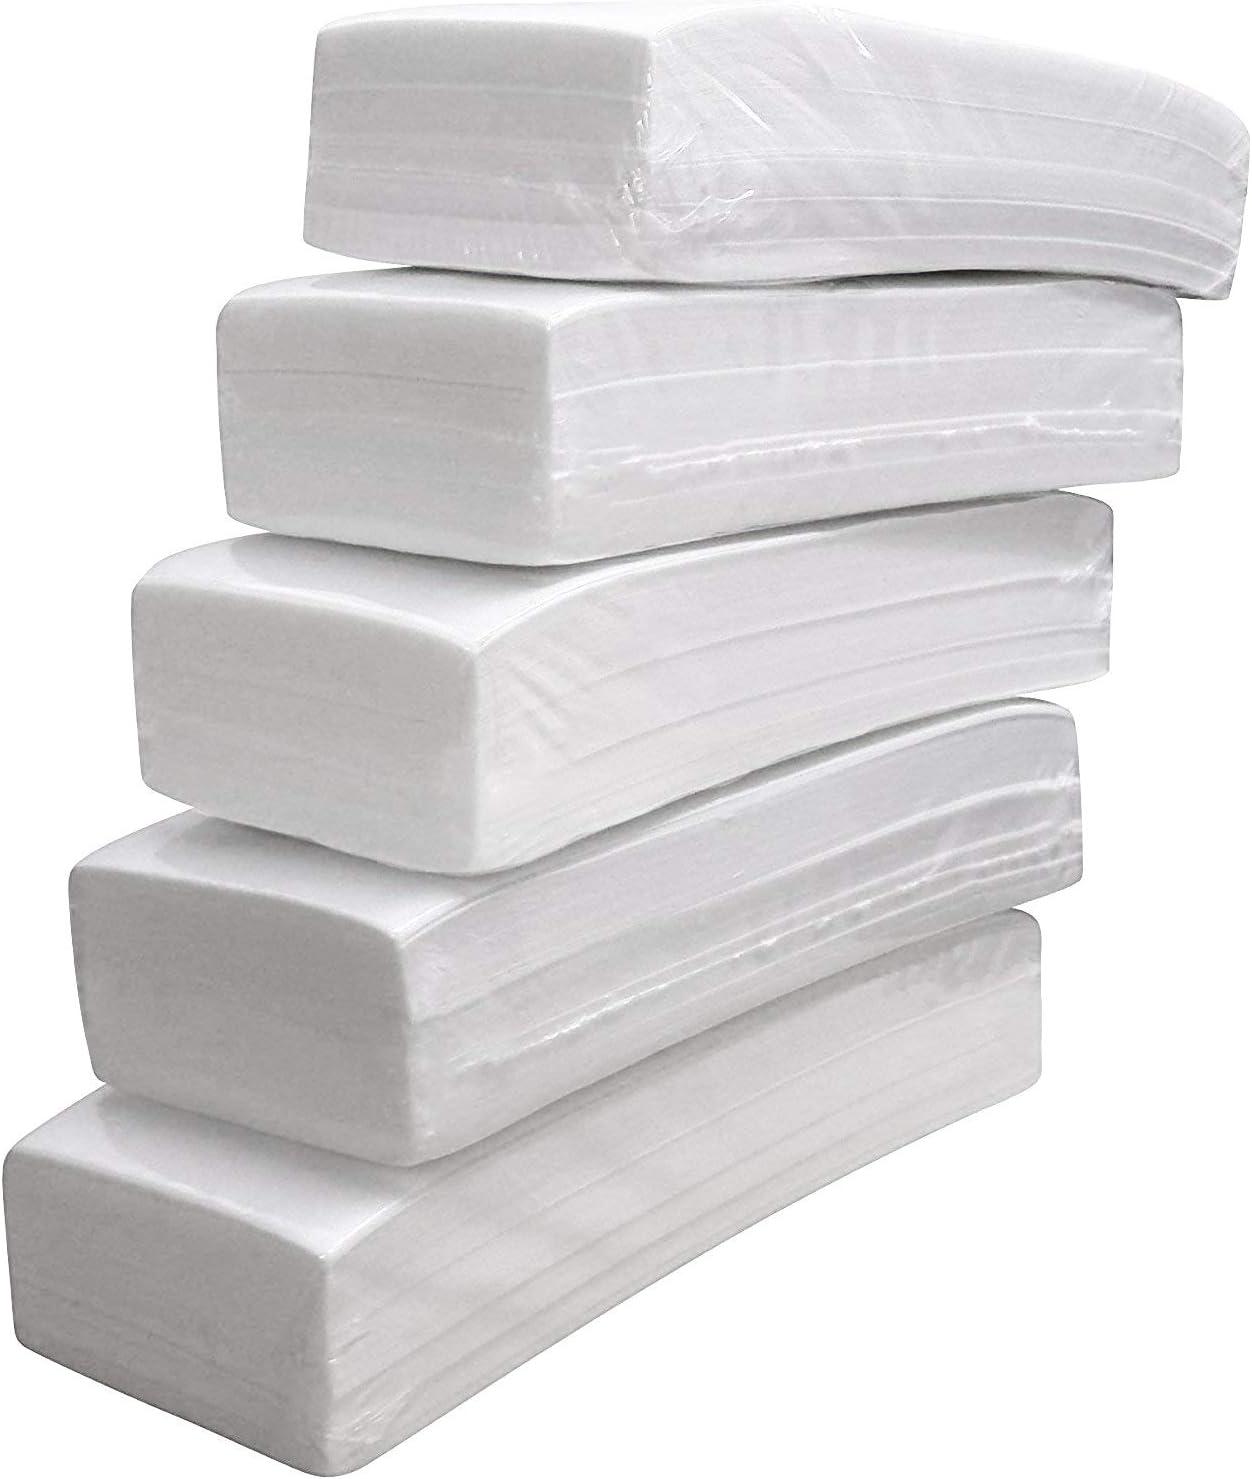 Crisnails - Bandas de Papel para Depilación con Cera, 5 Paquetes (500 Unidades)